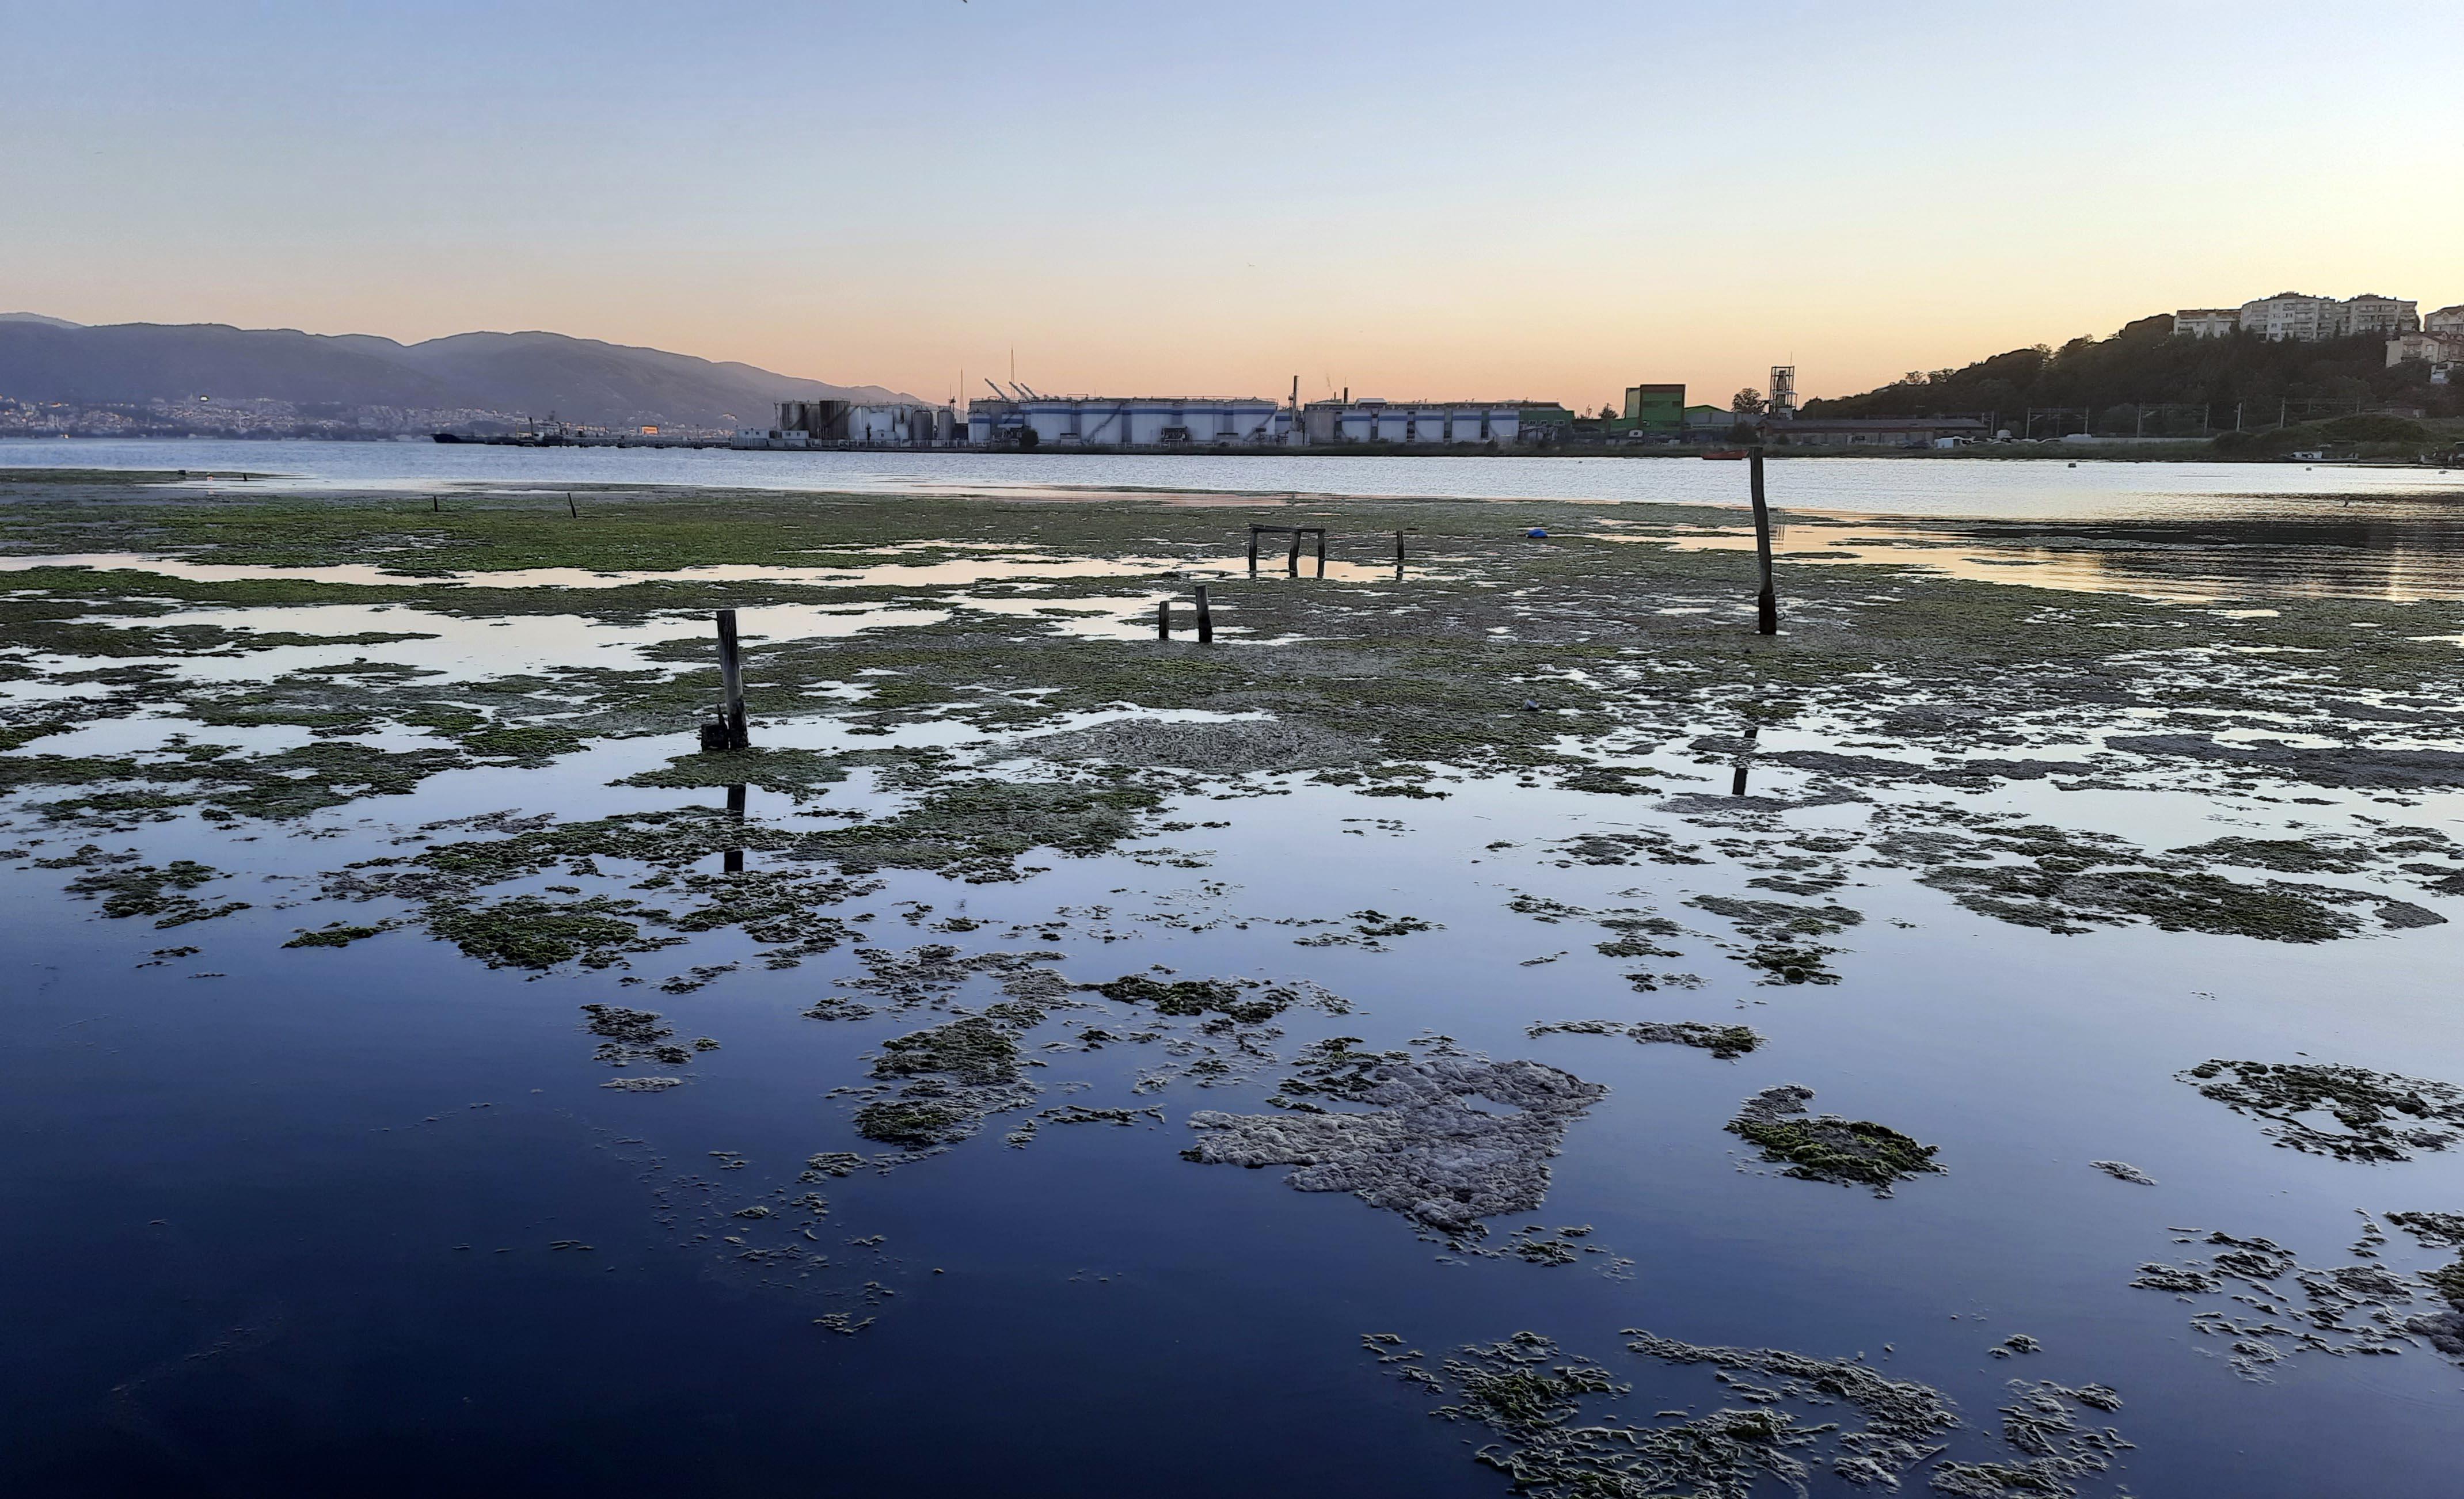 musilajin-deniz-altindaki-tahribatigoruntulendi-9136-dhaphoto11.jpg